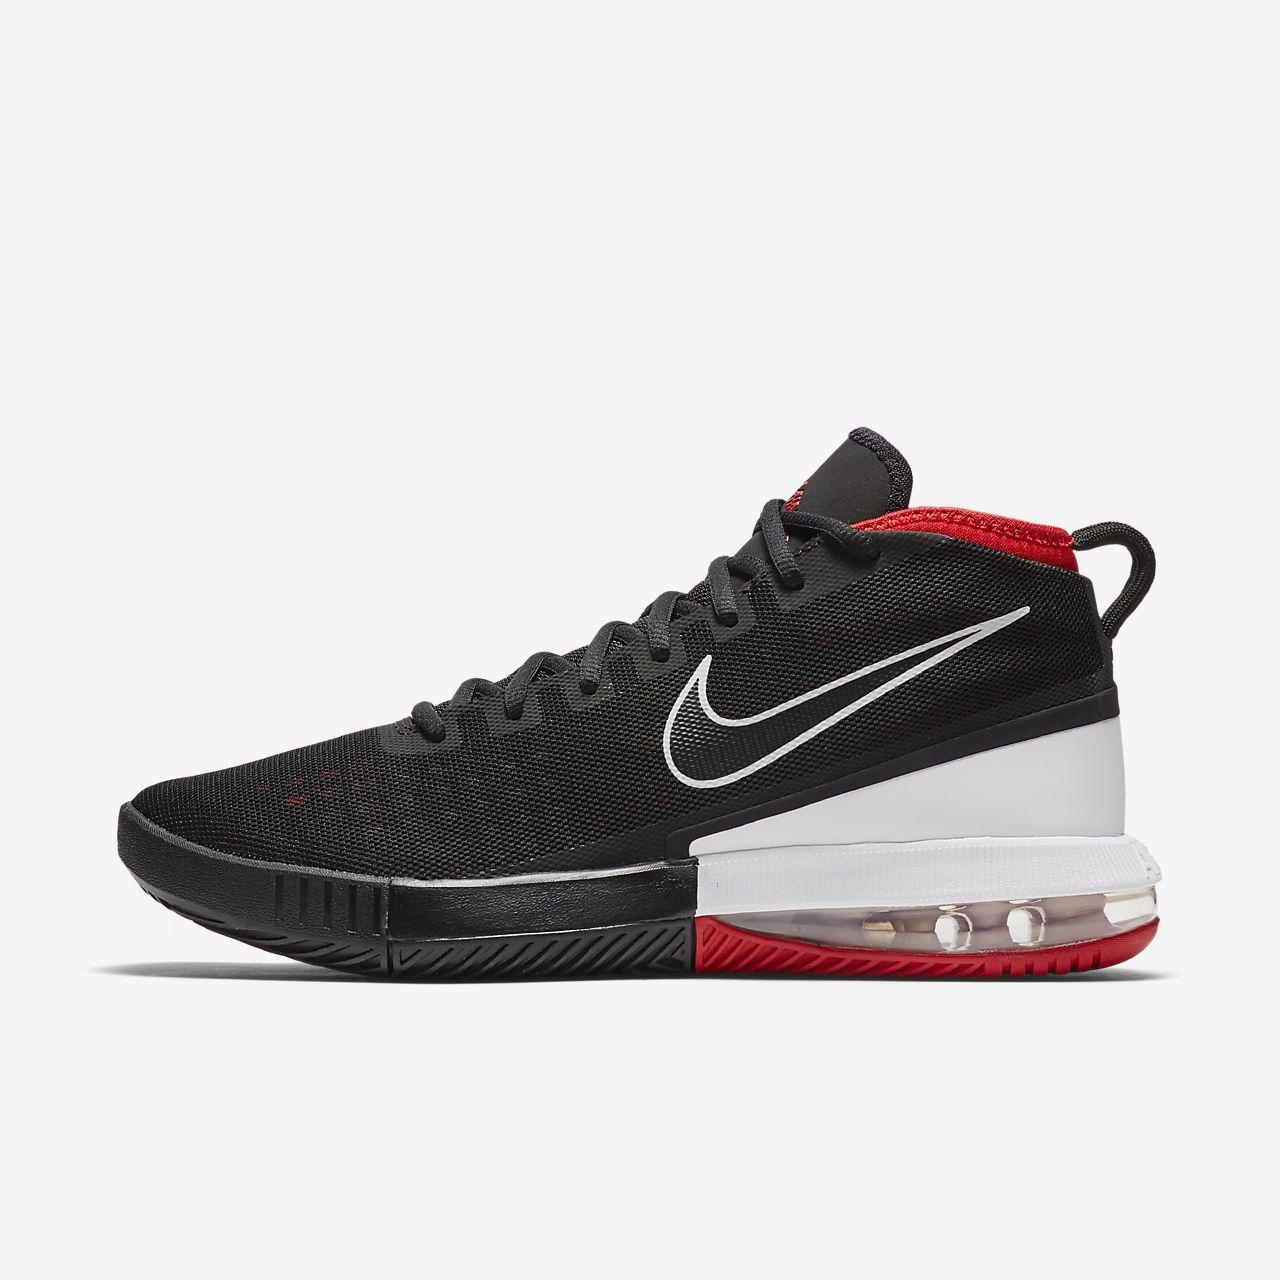 Nike Date De Sortie De La Sensation Air Max 2016 Pilote